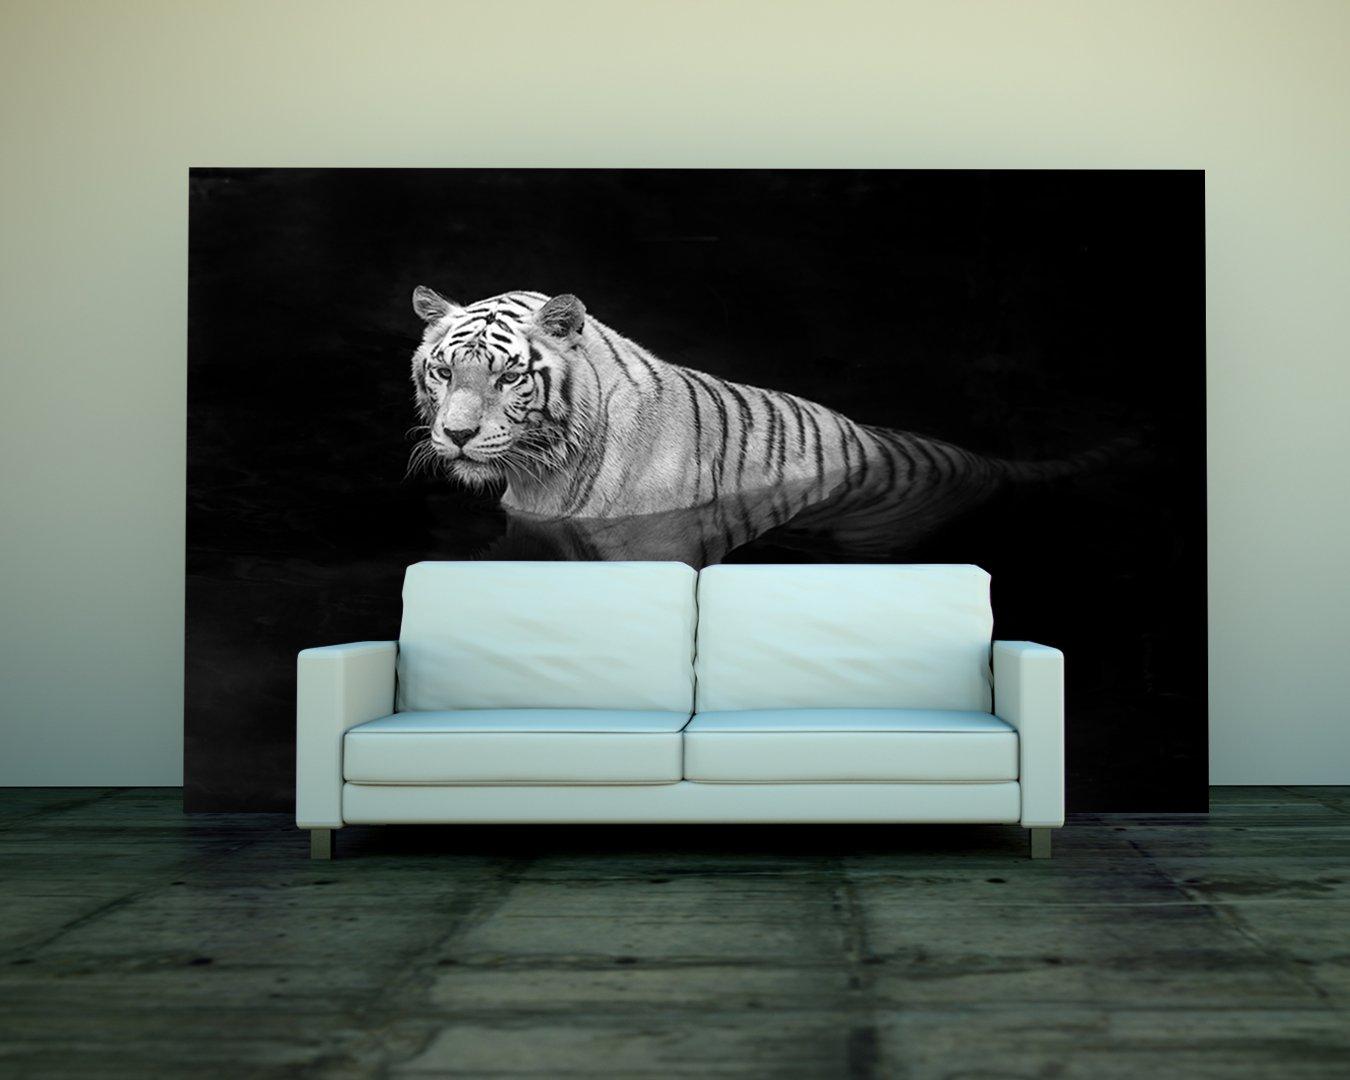 Bilderdepot24 selbstklebende Fototapete Tiger im Wasser  schwarz weiss 310x200 cm  direkt vom Hersteller   Kundenbewertung und Beschreibung